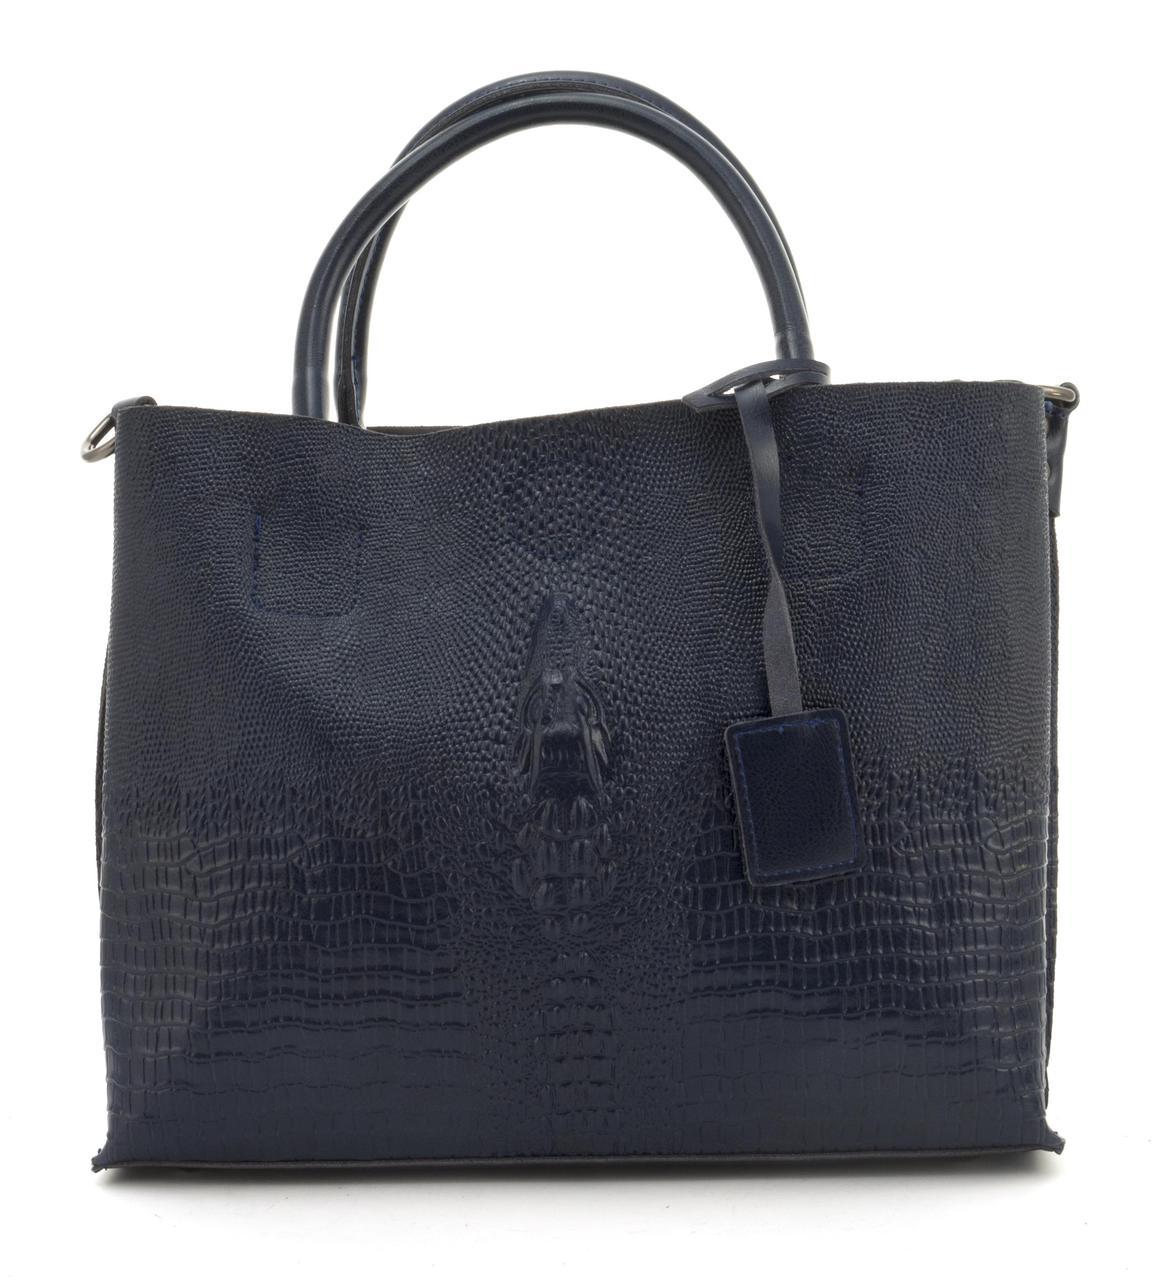 Оригинальная вместительная кожана прочная женская сумка с тиснением под рептилию CELINE art. 205 синяя